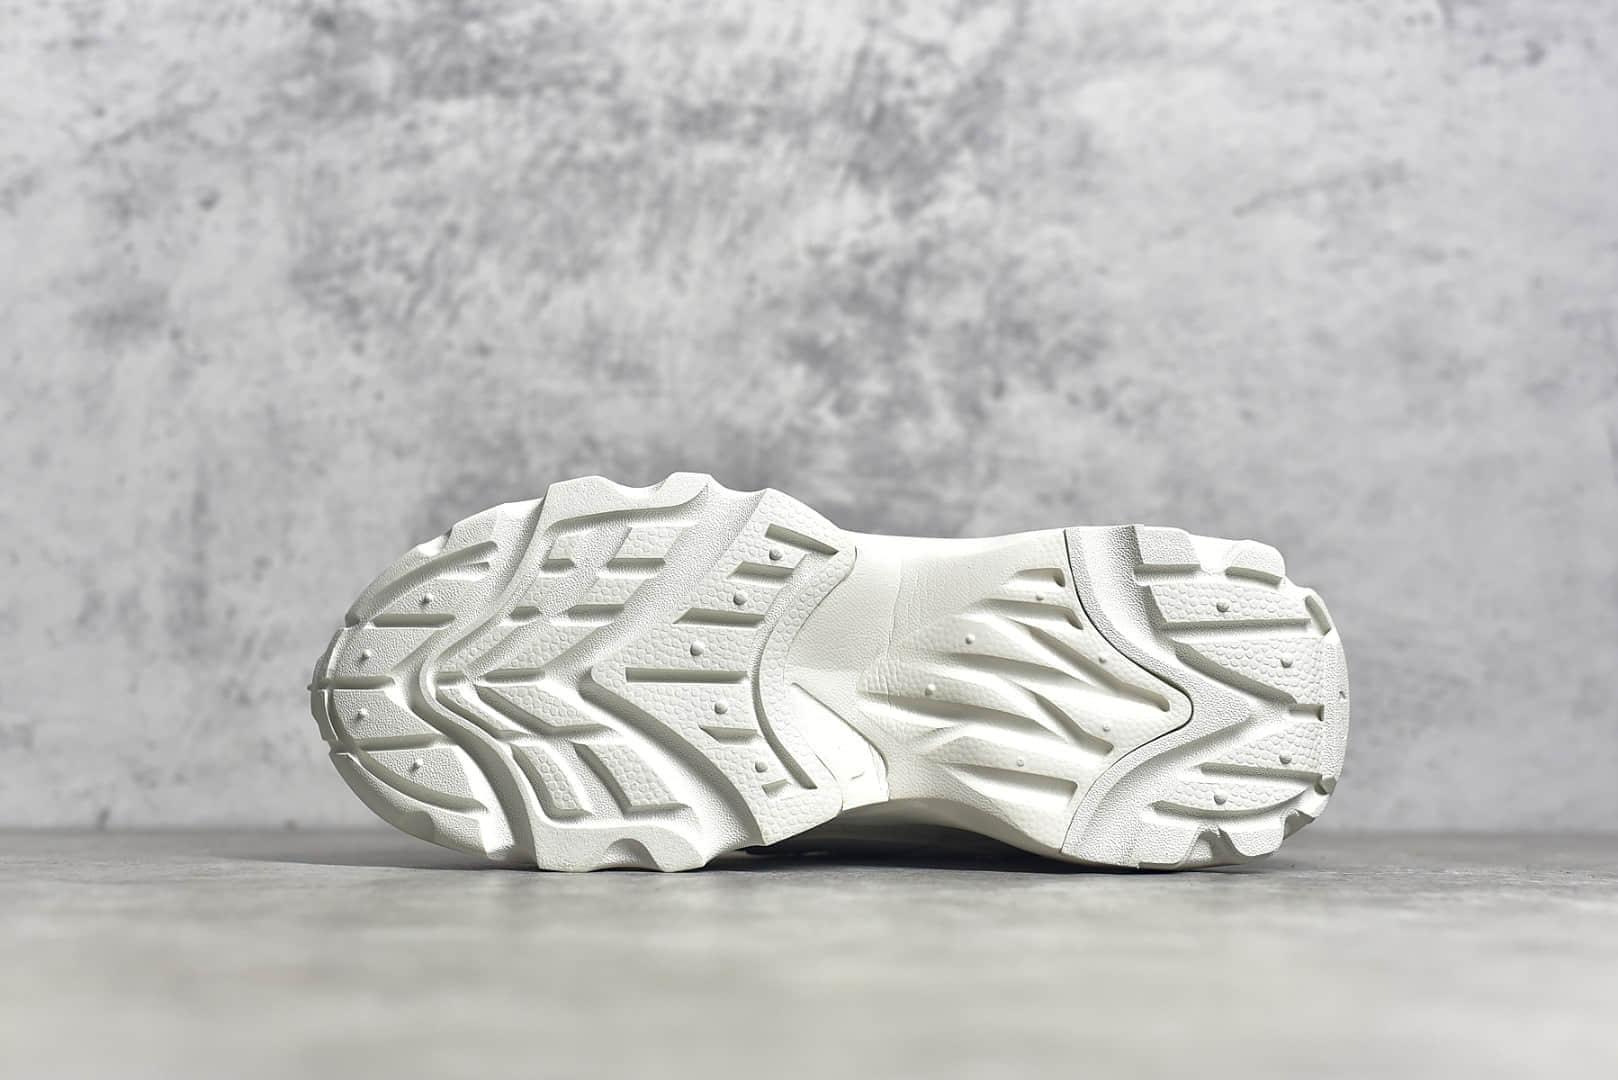 耐克帆白新款小白鞋 NIKE TC 7900 帆白 人气单品女鞋 耐克白色增高鞋 货号:DD9682-100-潮流者之家